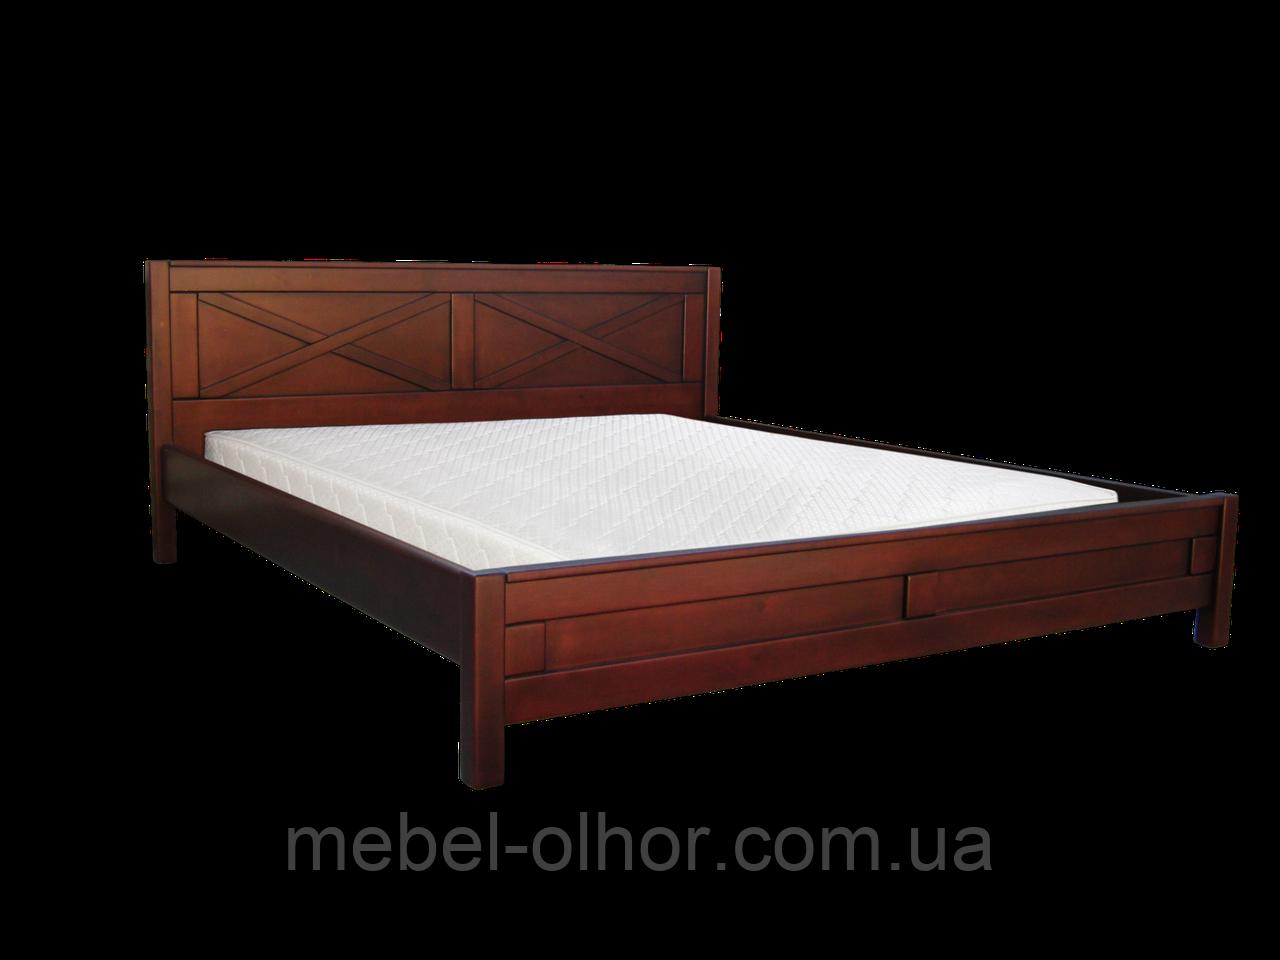 Кровать Глория (массив ольхи) 200*200